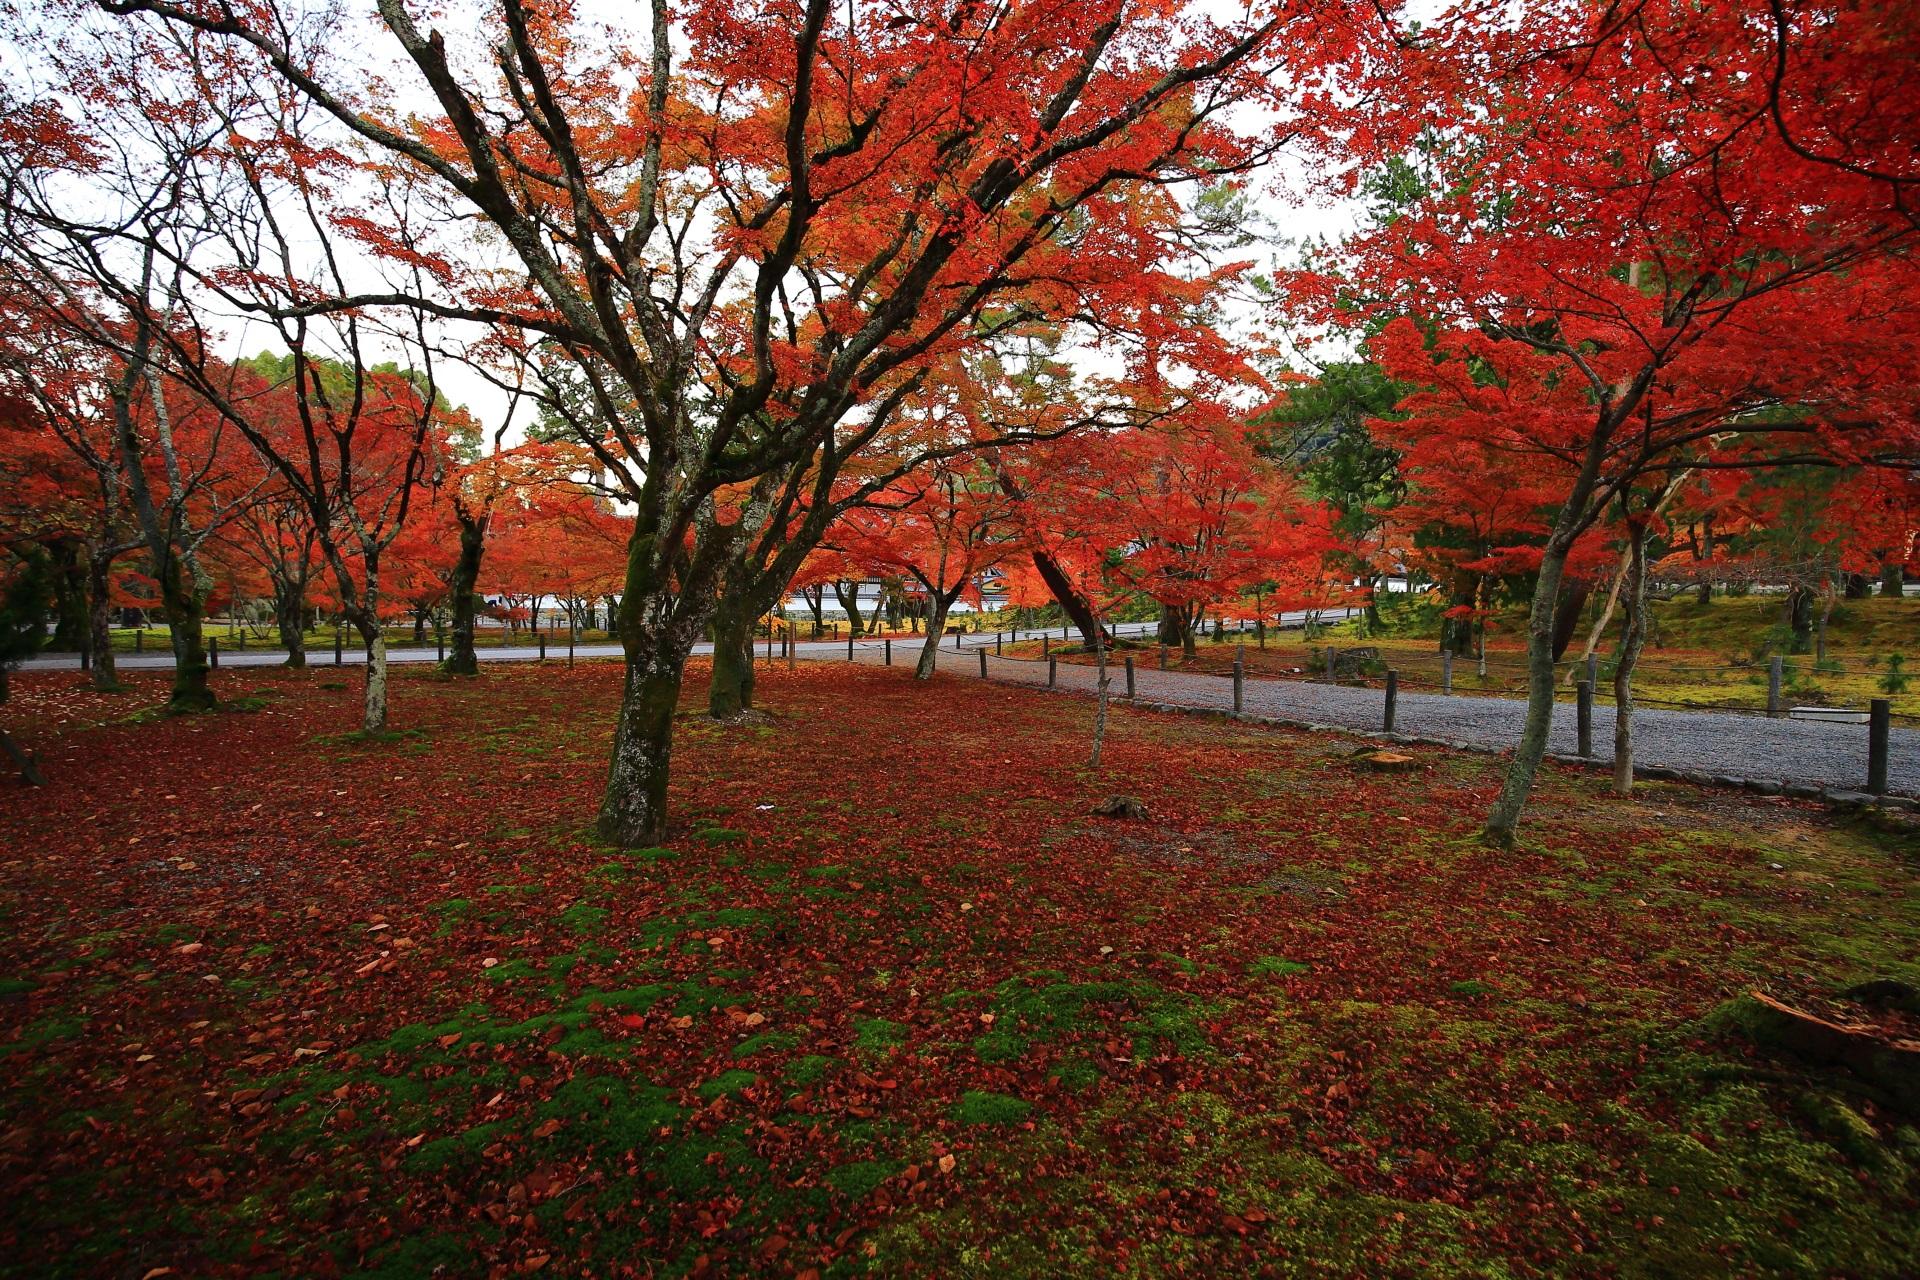 南禅寺の鮮やかな見ごろの紅葉と緑の苔を覆う散りもみじ